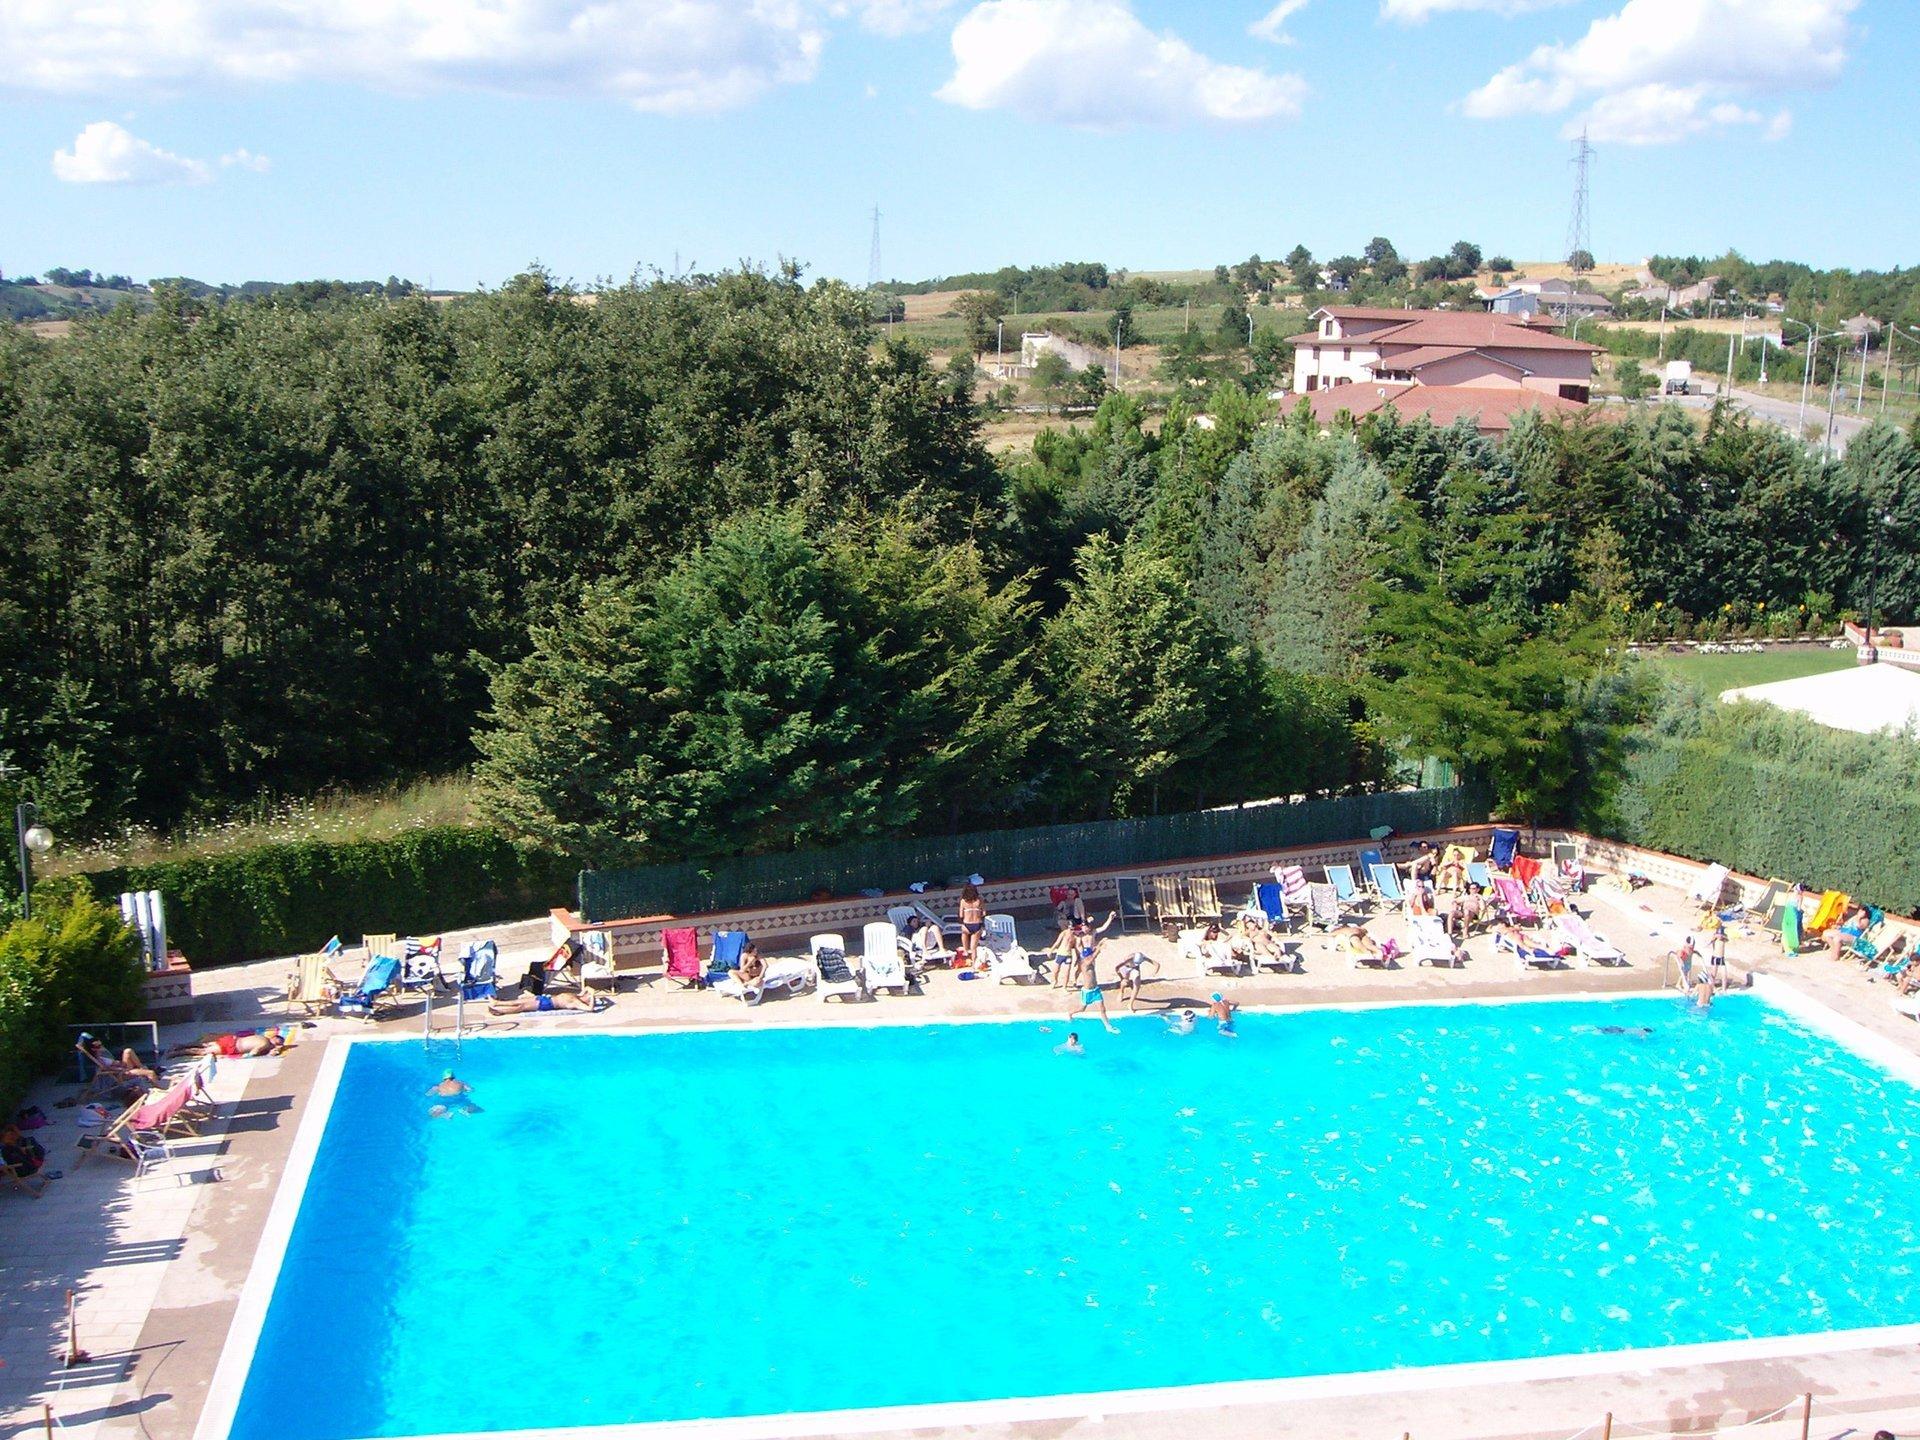 Vista aerea di una piscina semiolimpionica